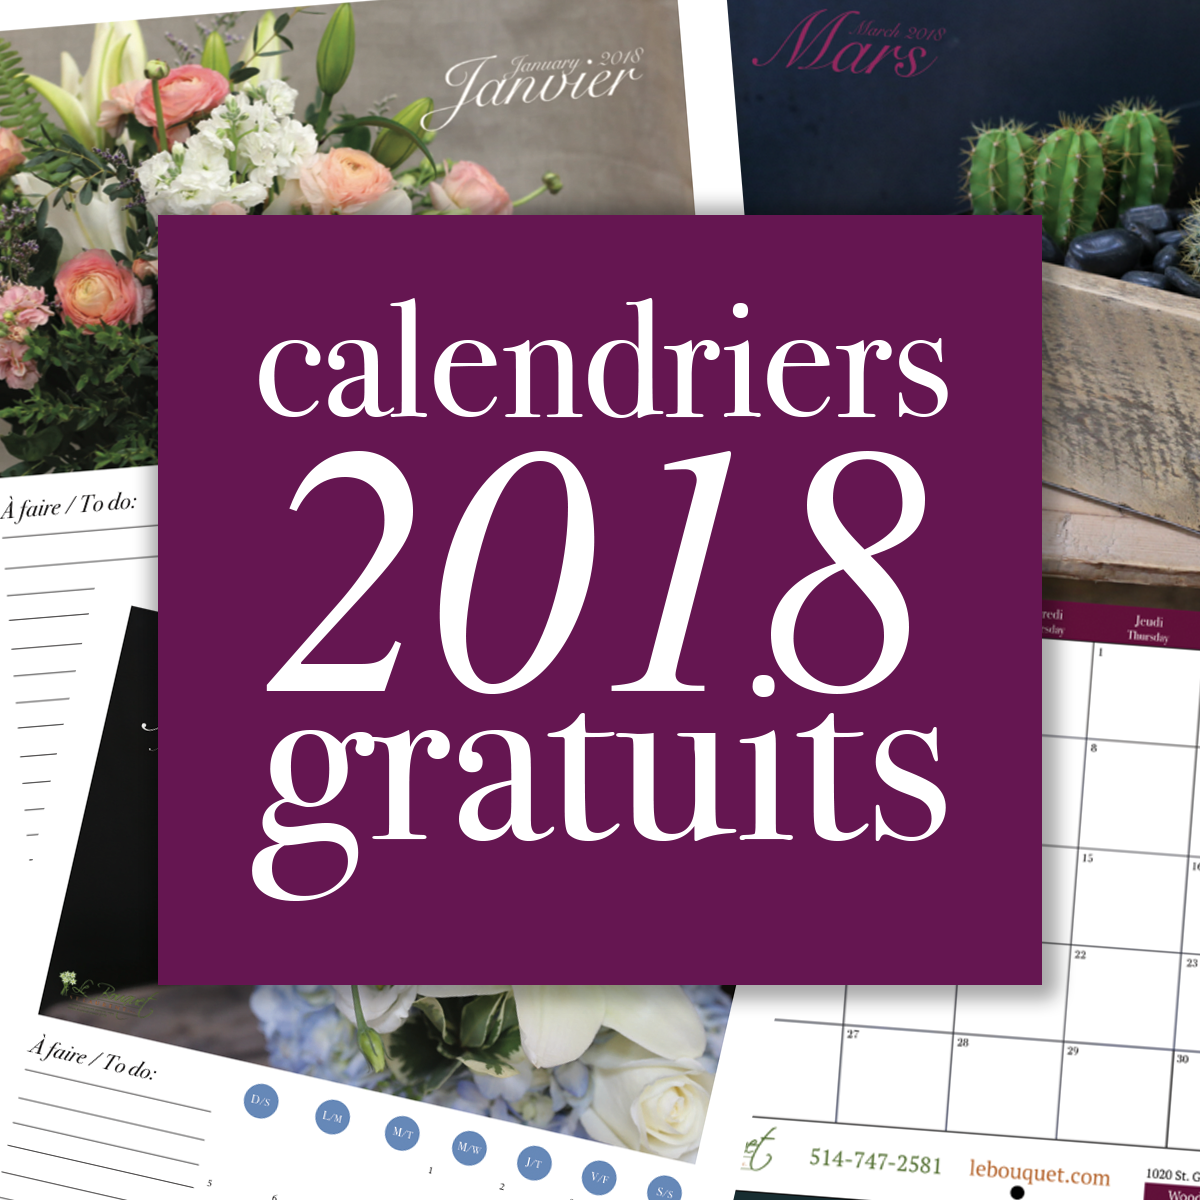 2018 calendriers gratuits par fleuriste Montreal Le Bouquet St Laurent